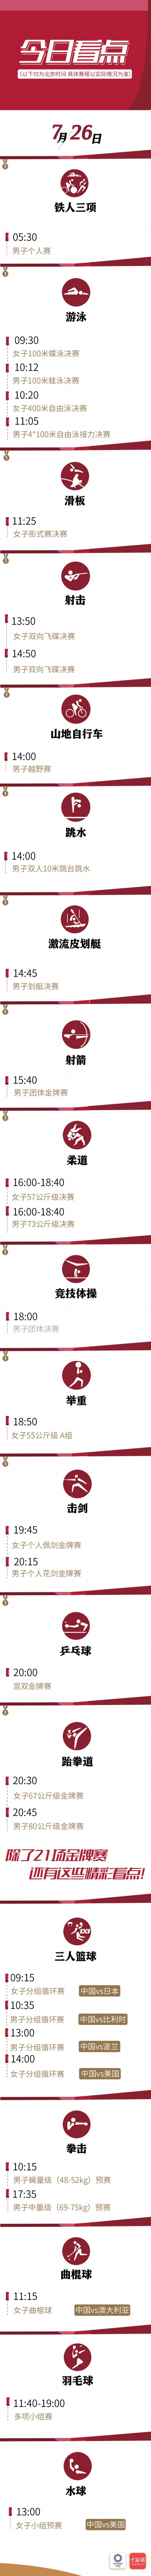 东京奥运会7月26日看点(图)